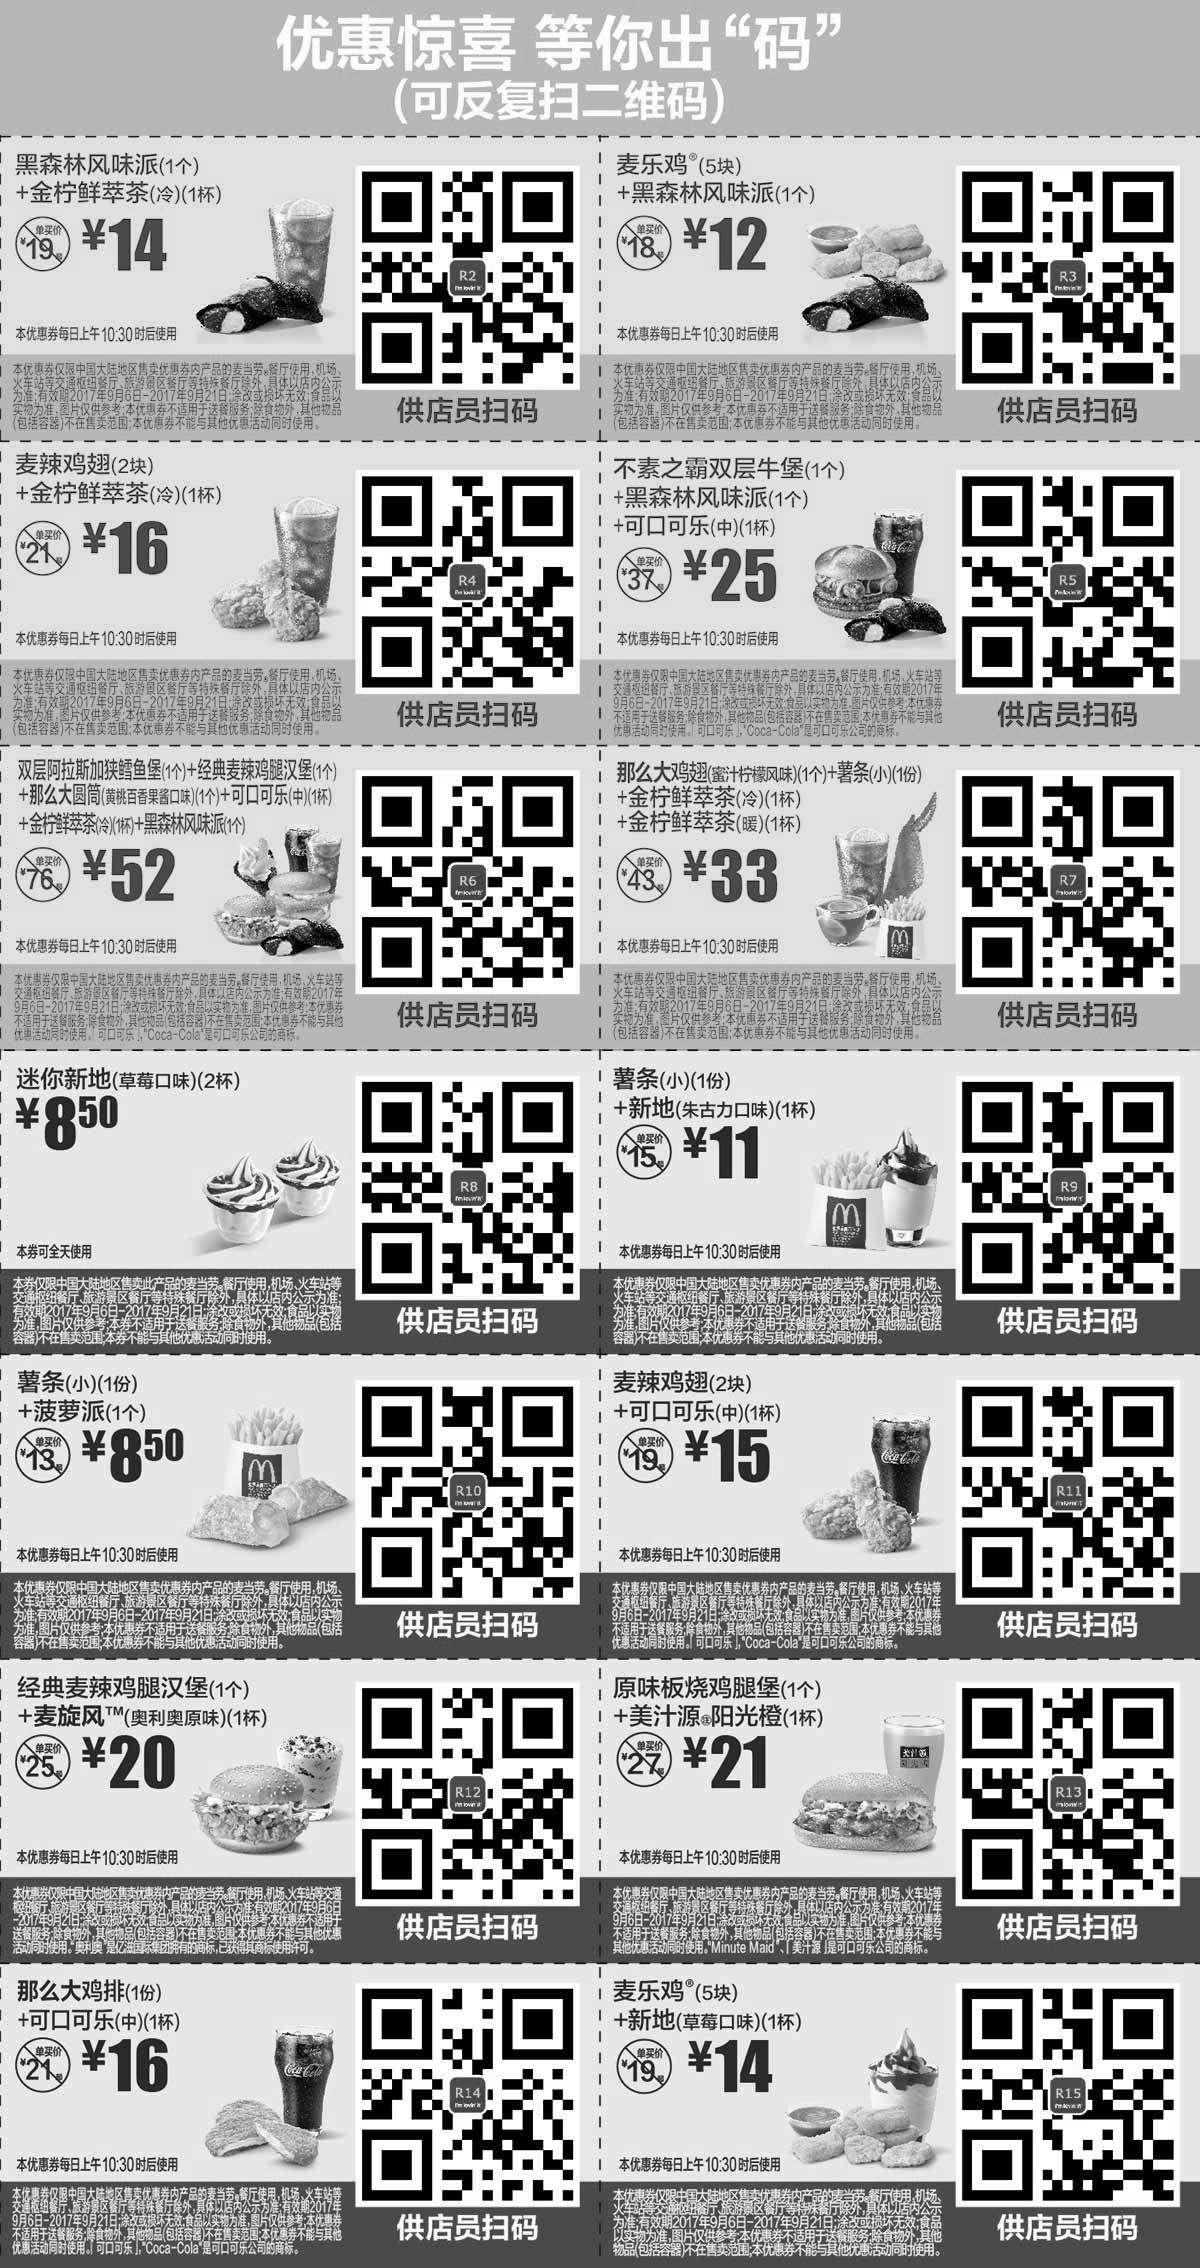 黑白优惠券图片:麦当劳优惠券2017年9月份手机版整张版本,出示店员扫码享优惠 - www.5ikfc.com